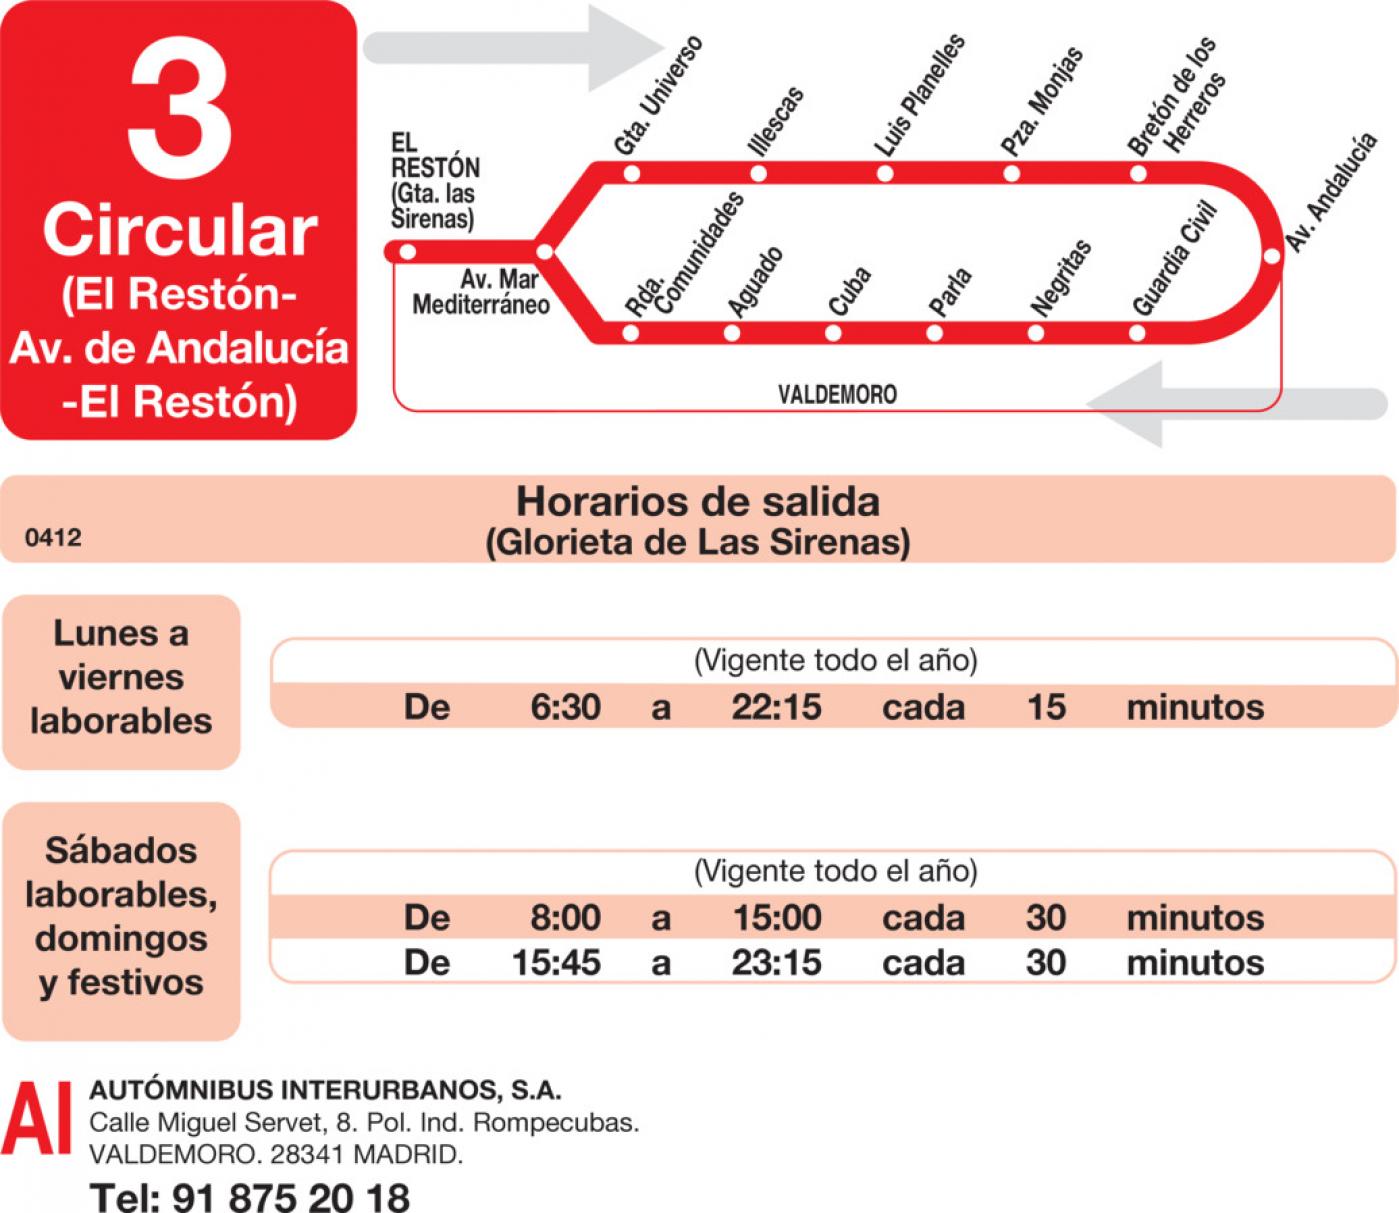 Tabla de horarios y frecuencias de paso en sentido ida Línea L-3 Valdemoro: Circular - Avenida de Andalucía - El Restón